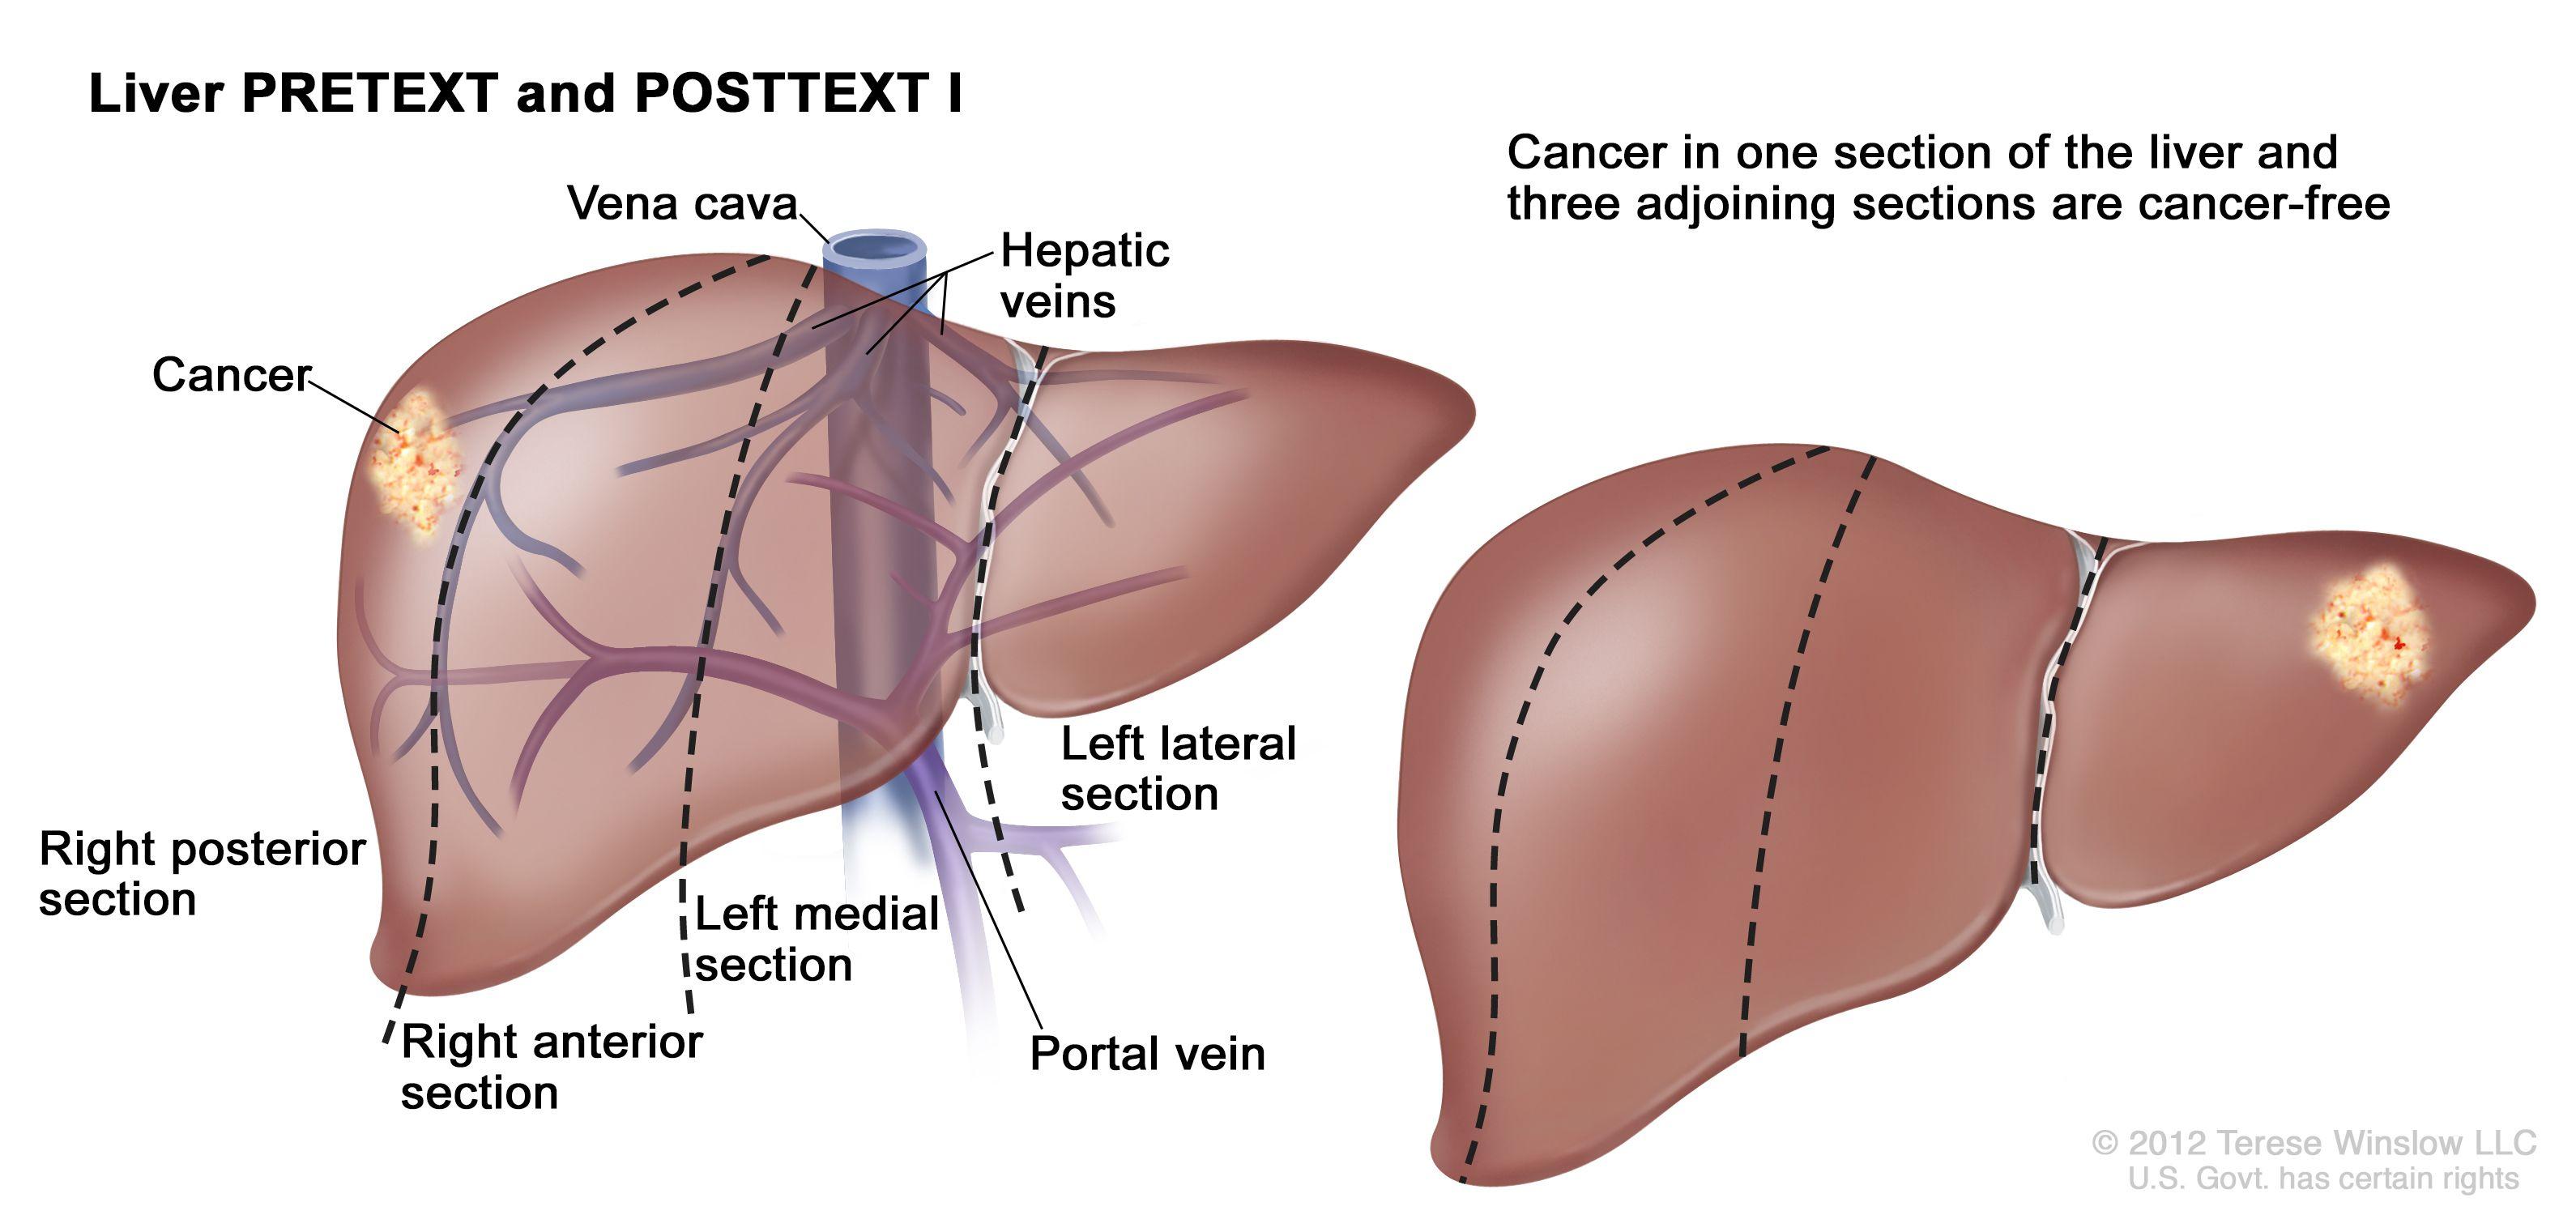 肝のPRETEXT I期;図は2つの肝を示す。点線は各肝をほぼ同一サイズの4区域に縦分割している。最初の肝では、がんが左端の区域に示されている。2つ目の肝では、がんが右端の区域に示されている。